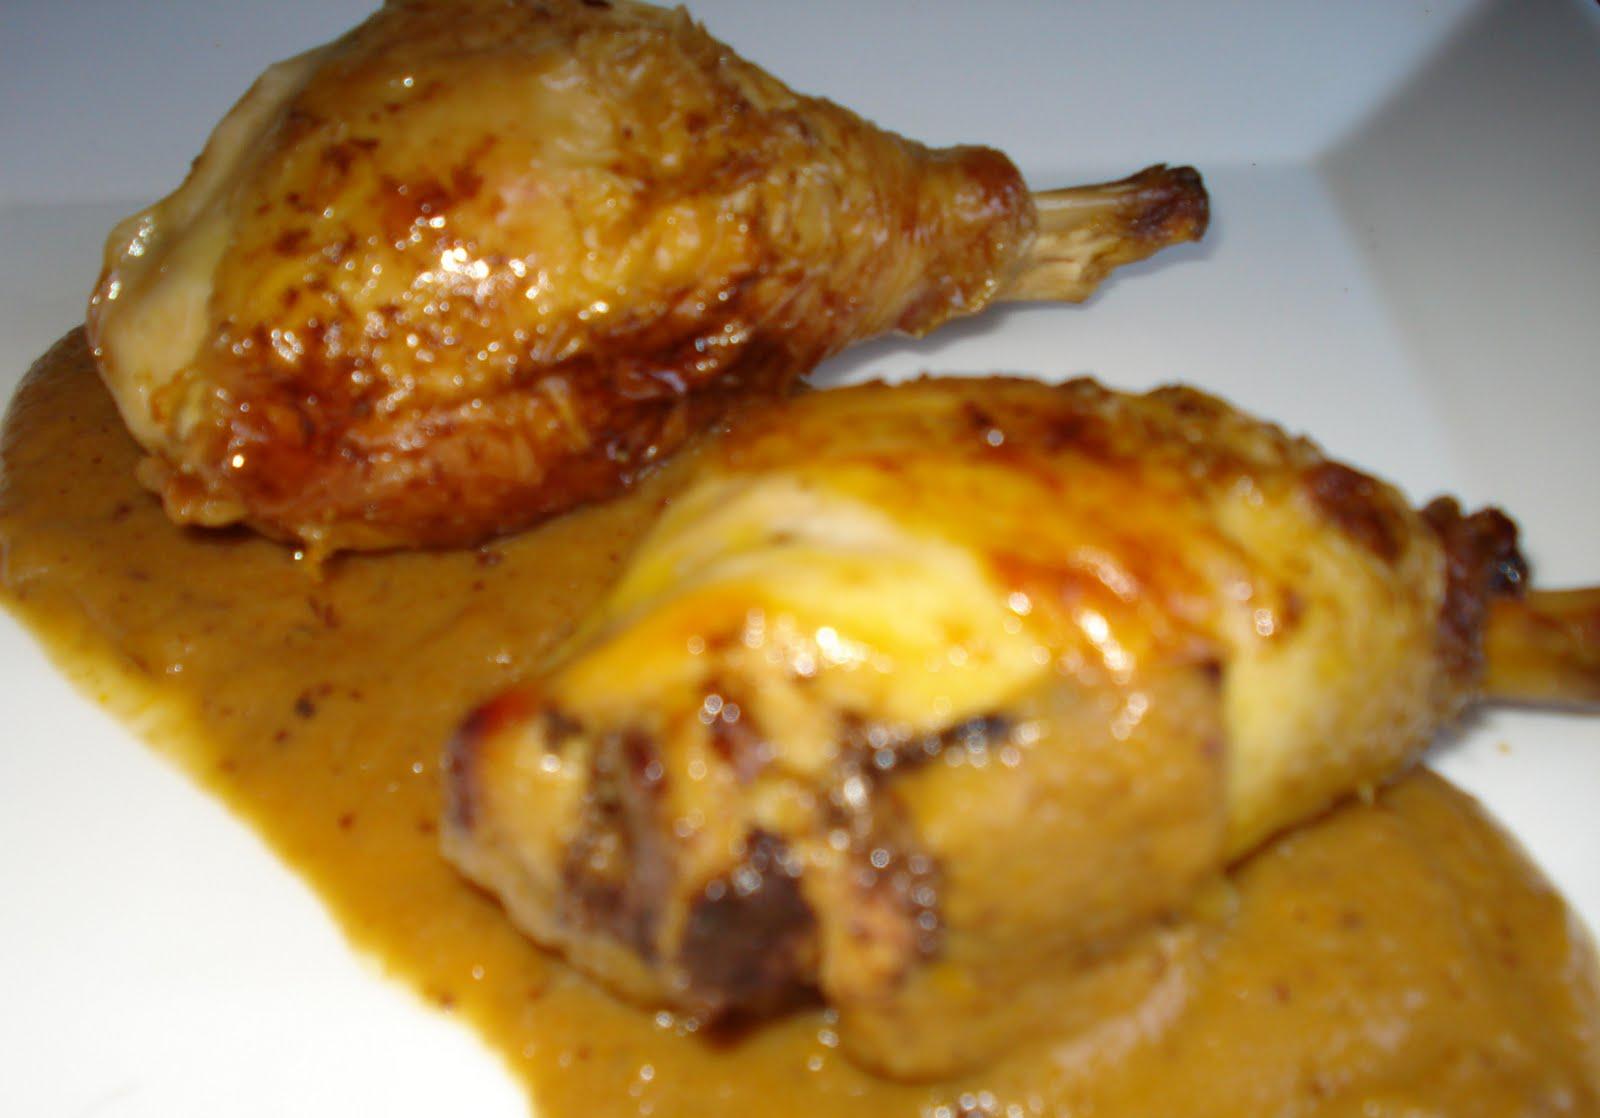 Las Mejores Recetas De Pollo Al Conac - Recetas-de-cocina-con-pollo